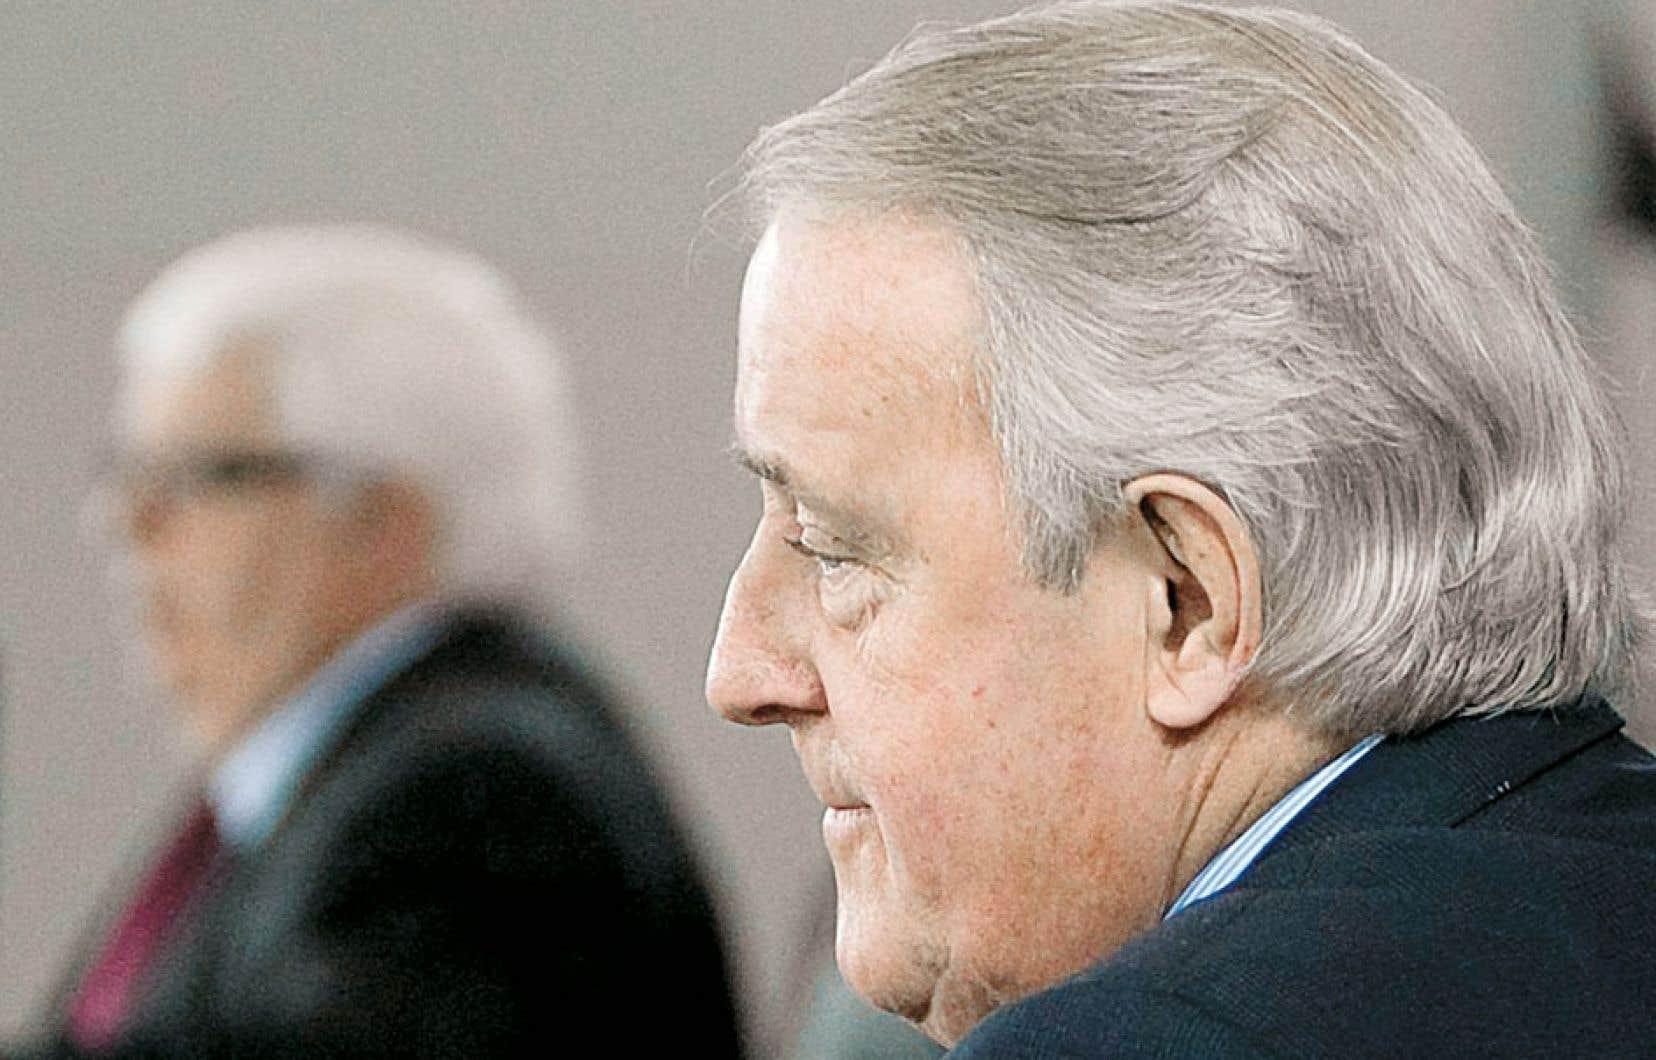 Le juge Jeffrey Oliphant a conclu en juin 2010 que l'ancien premier ministre Brian Mulroney avait enfreint son propre code d'éthique en acceptant de l'argent liquide de l'homme d'affaires Karlheinz Schreiber.